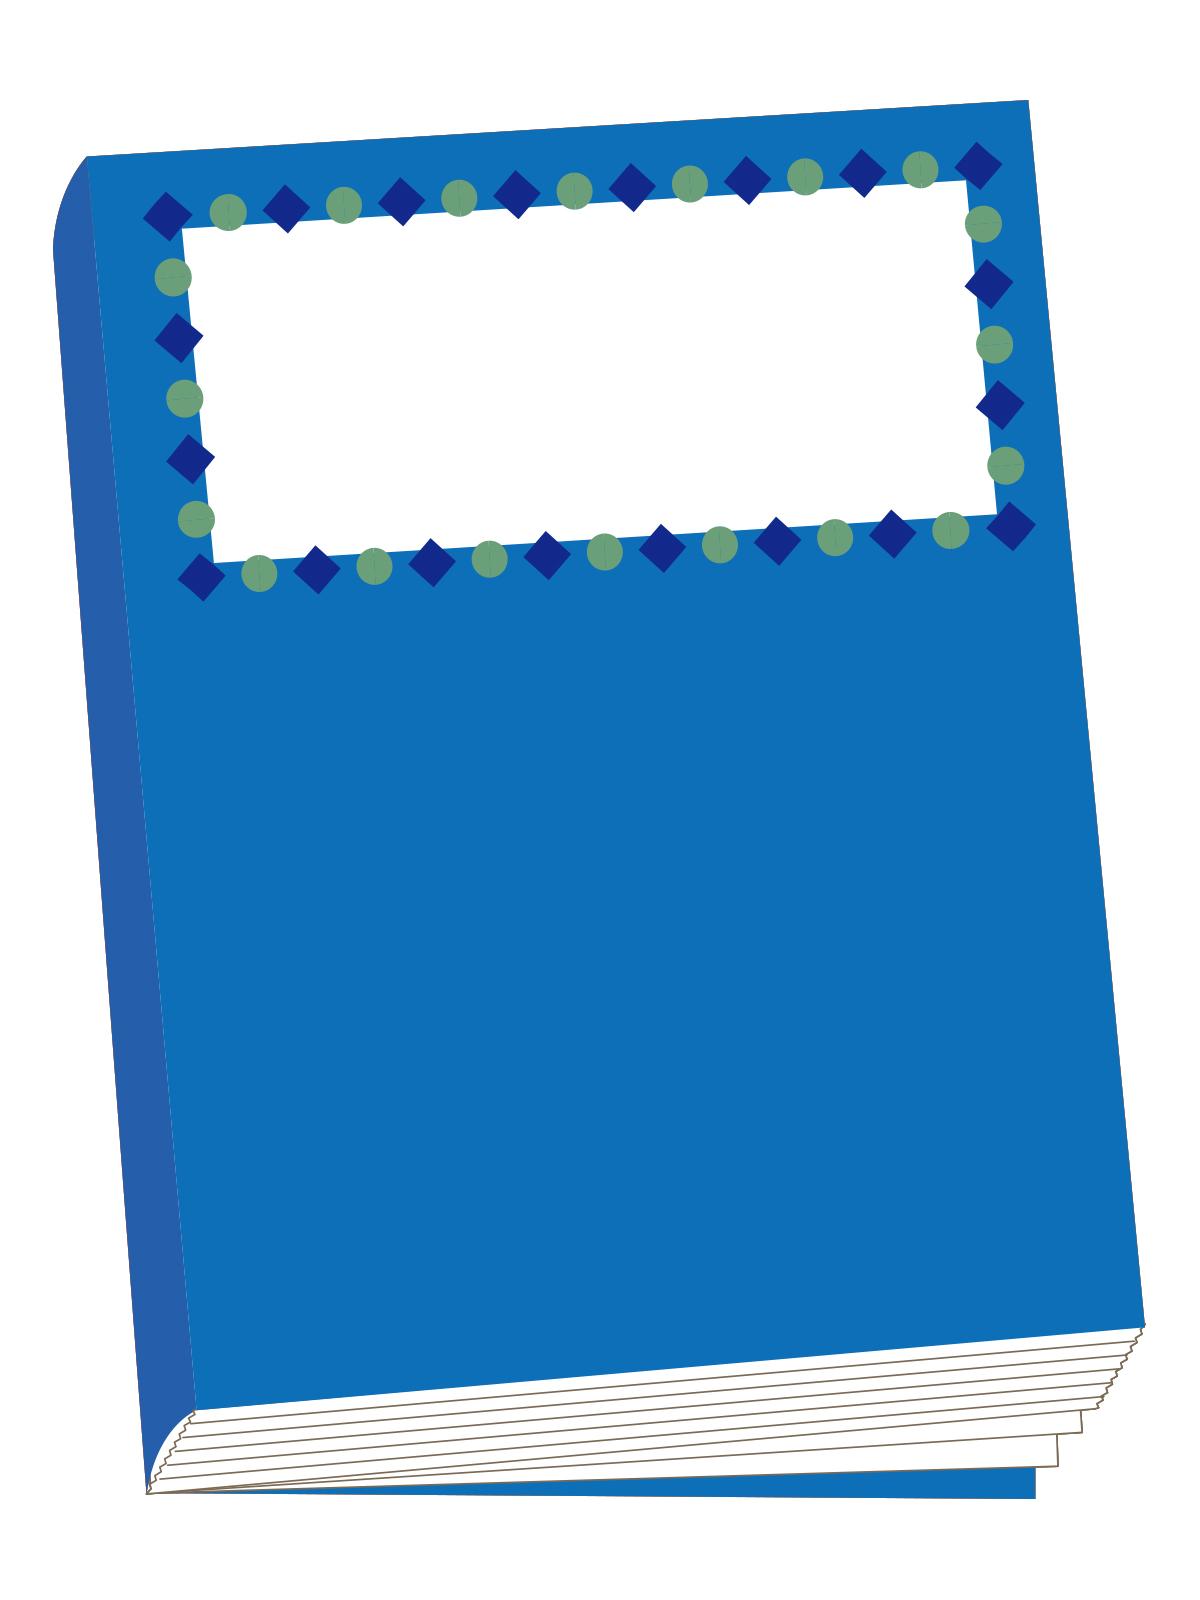 発達障害になると障害者手帳(障害者認定)はもらえるの?